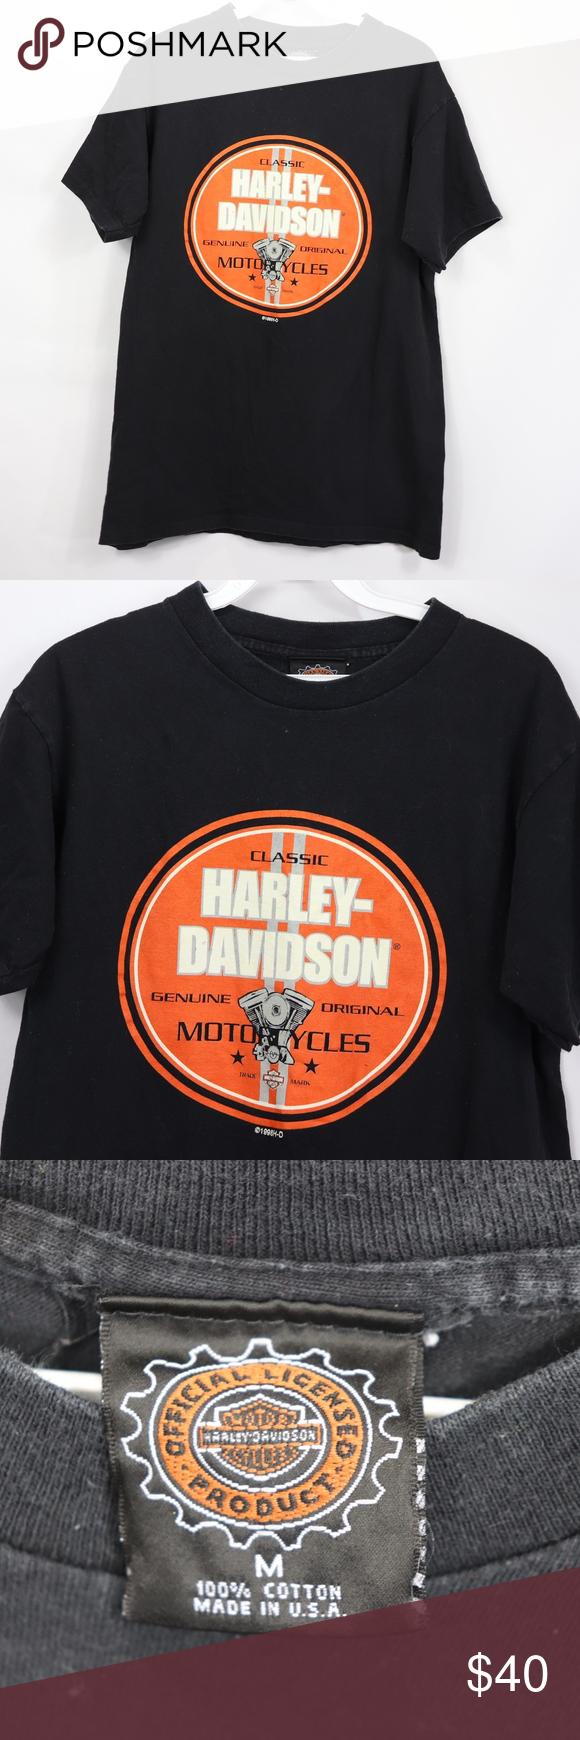 33dbcbd4 90s Harley Davidson Mens Medium ebiker Shirt Black Vintage 90s Harley  Davidson ebikerhq.com T